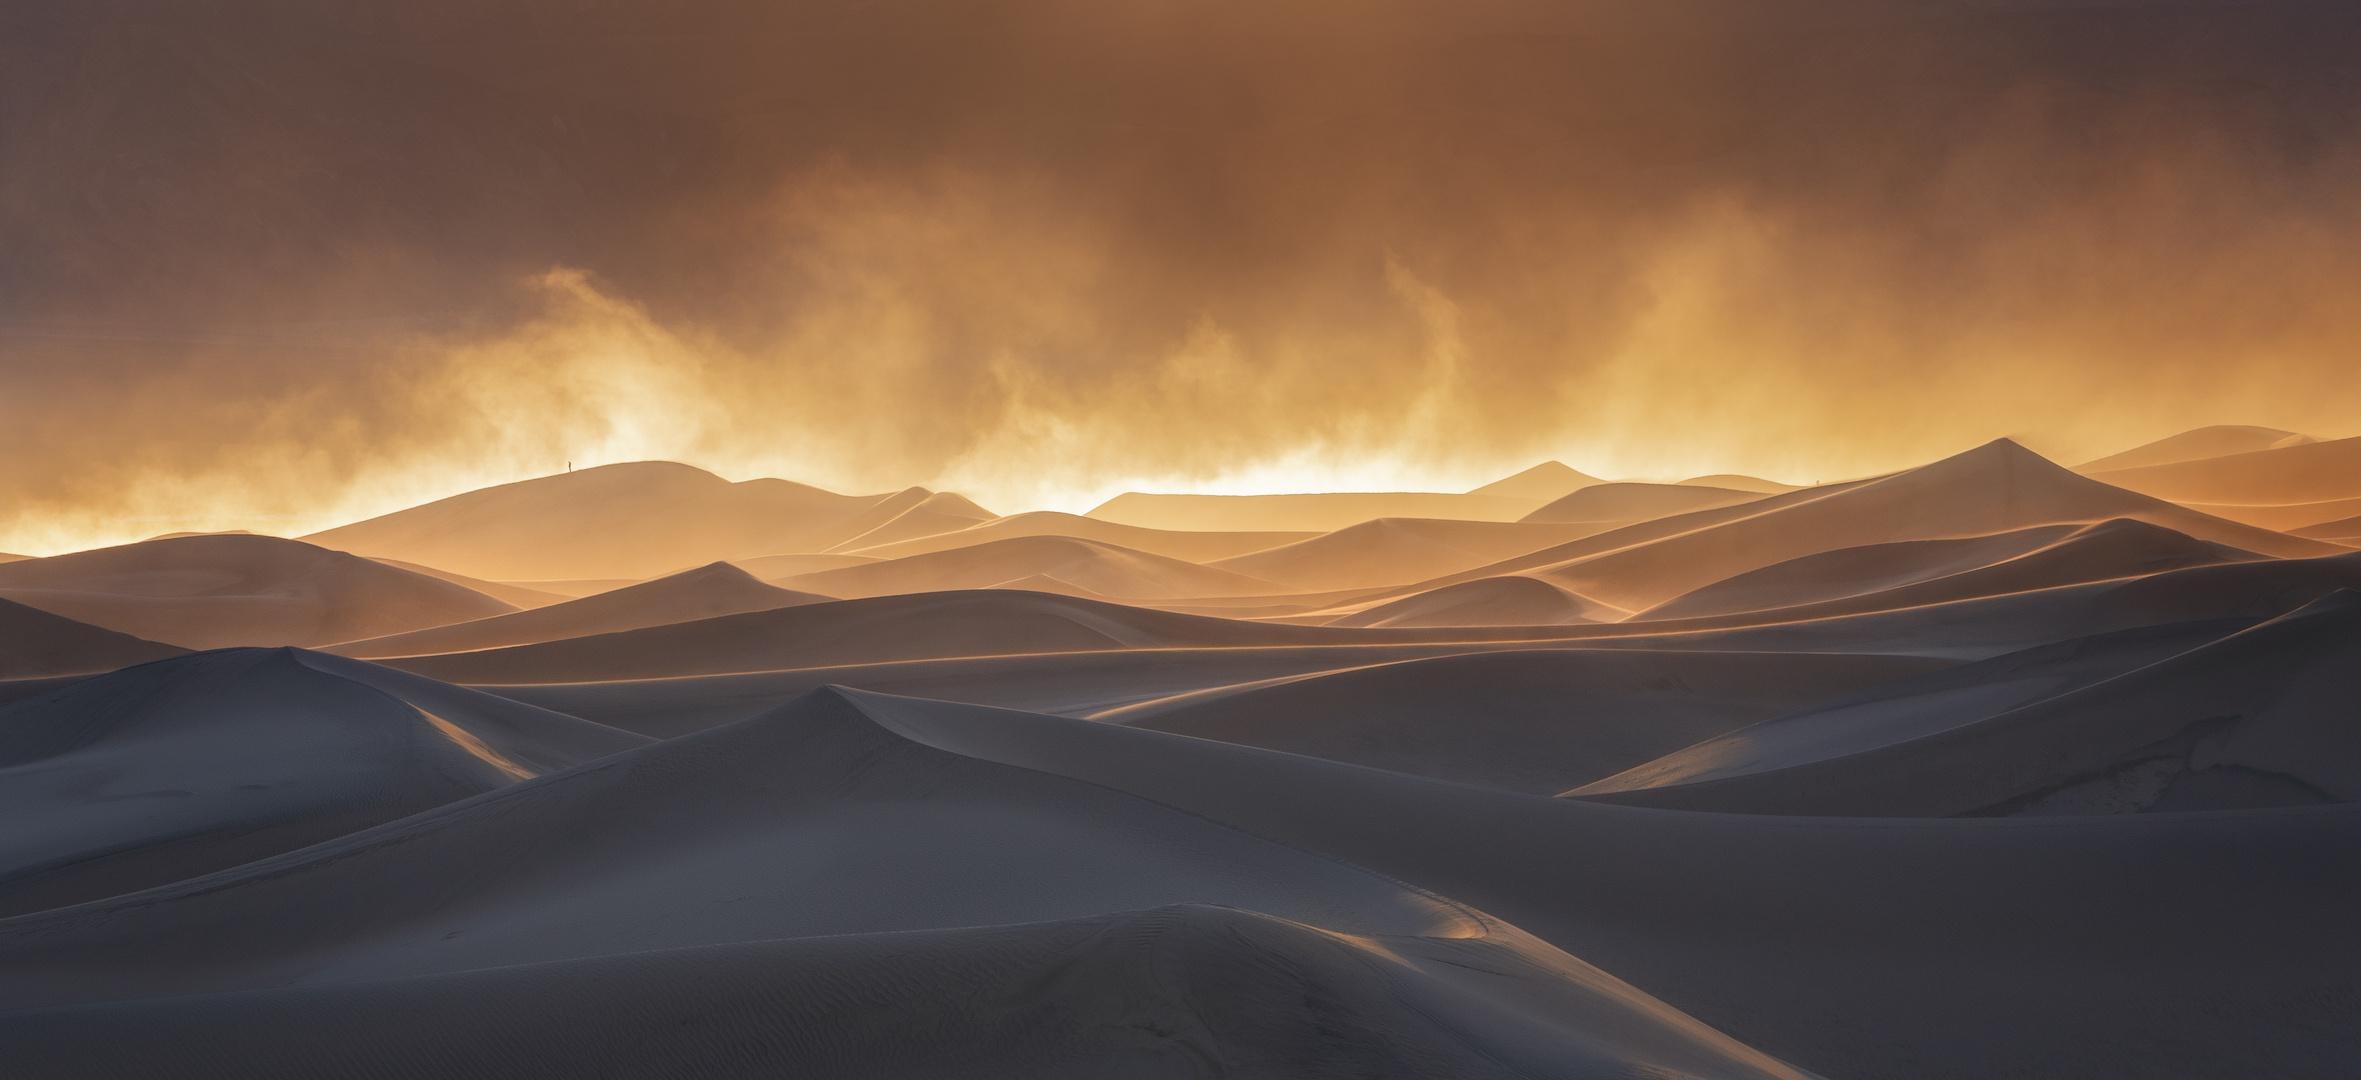 Burning Dunes